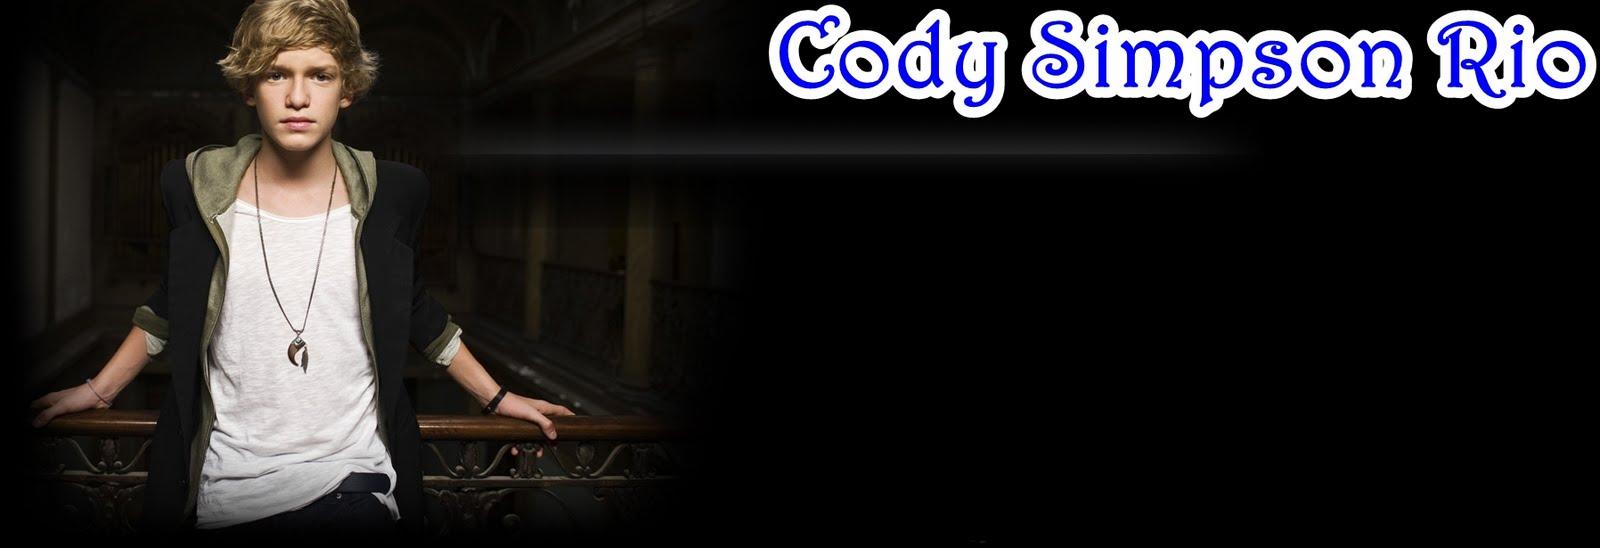 Cody Simpson  Rio